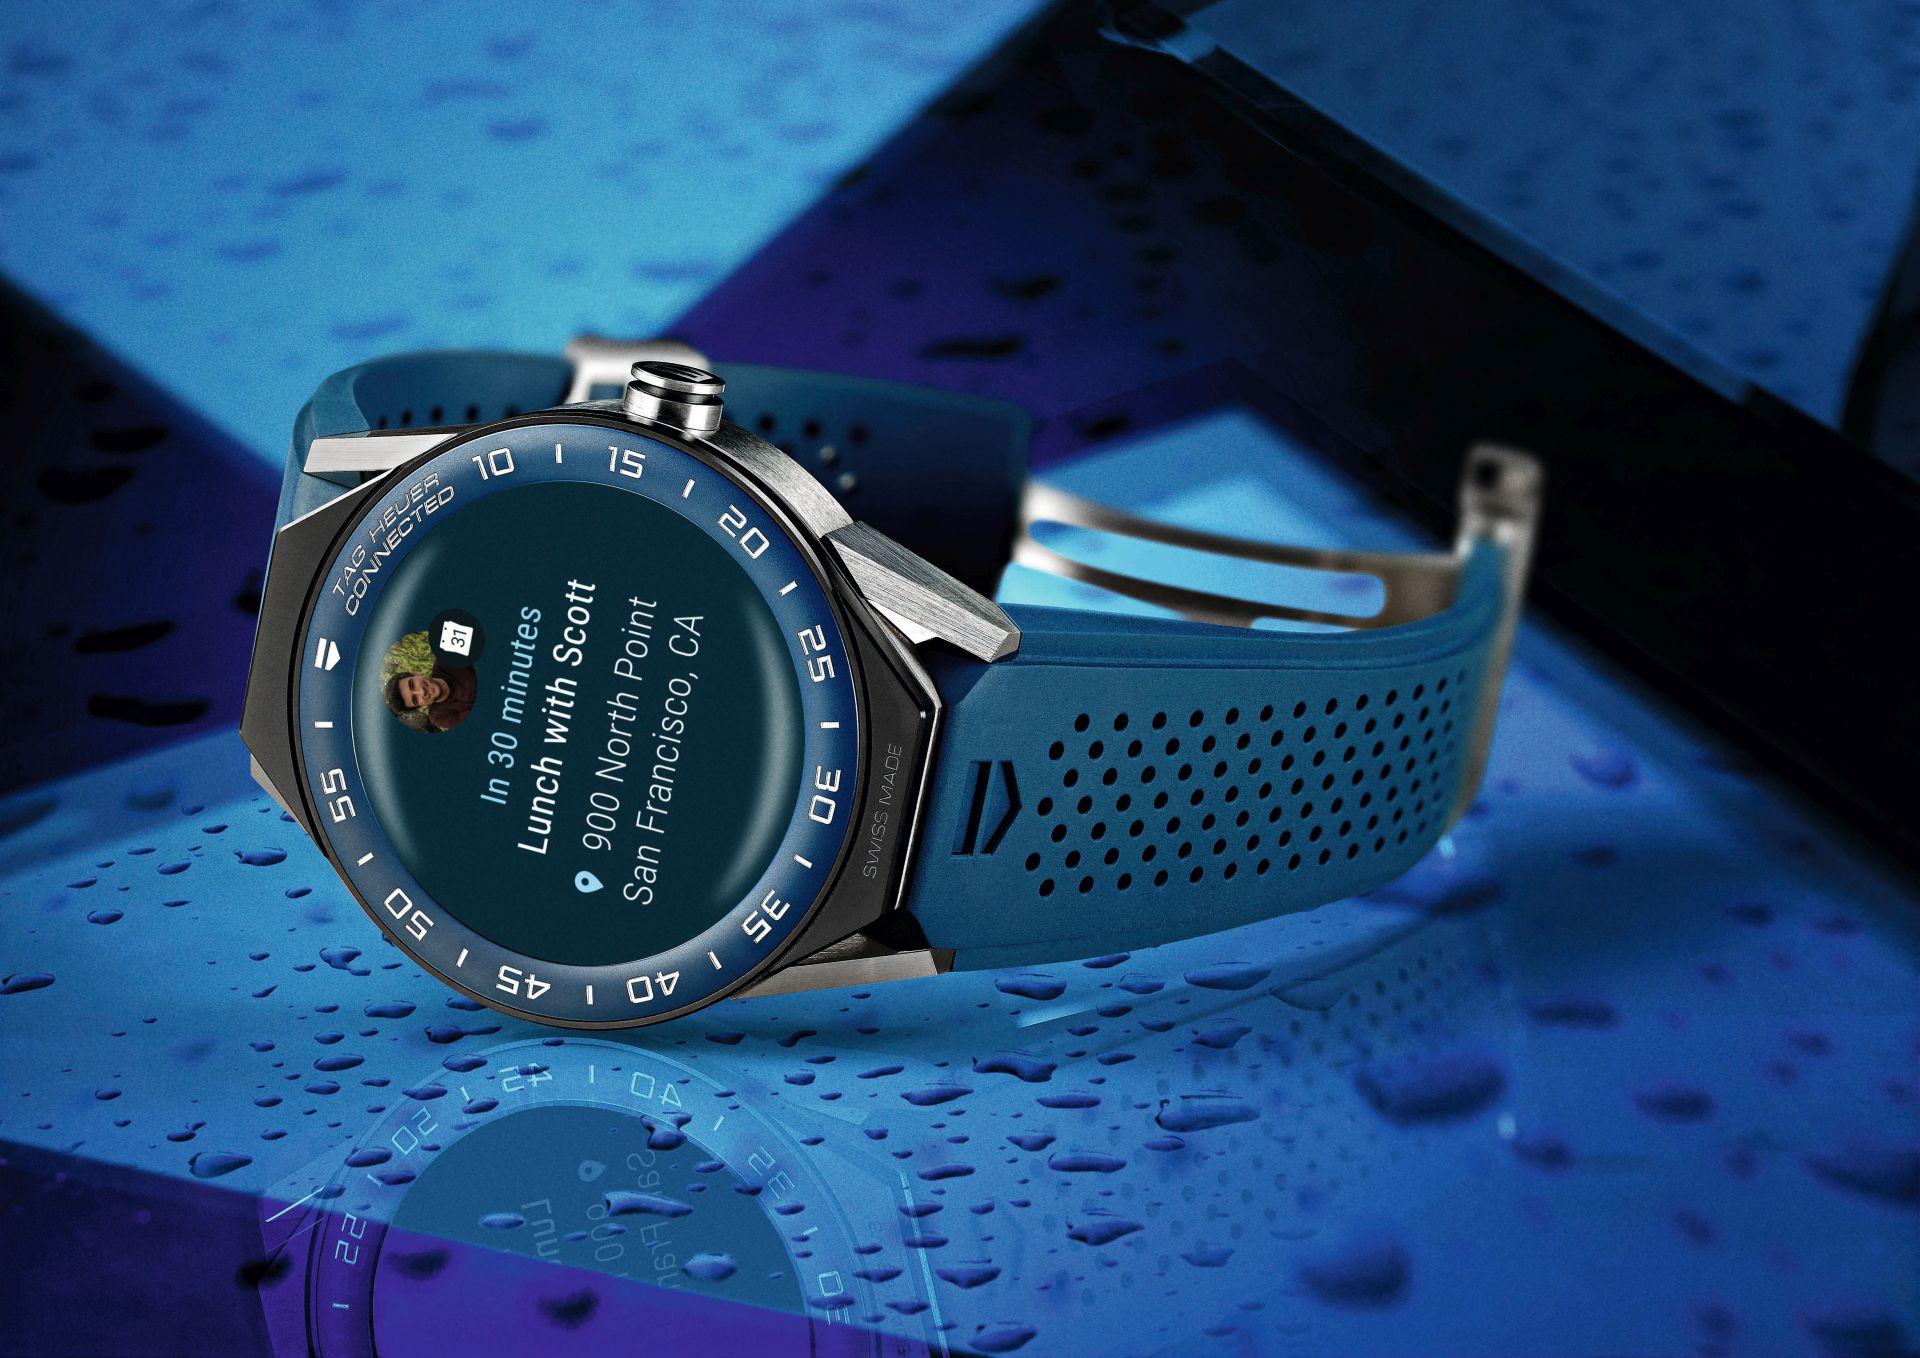 Connected Modular 45: Tag Heuers neue Smartwatch kommt mit mechanischem Uhrwerk - Die Connected Modular 45 von Tag Heuer (Bild: Tag Heuer)